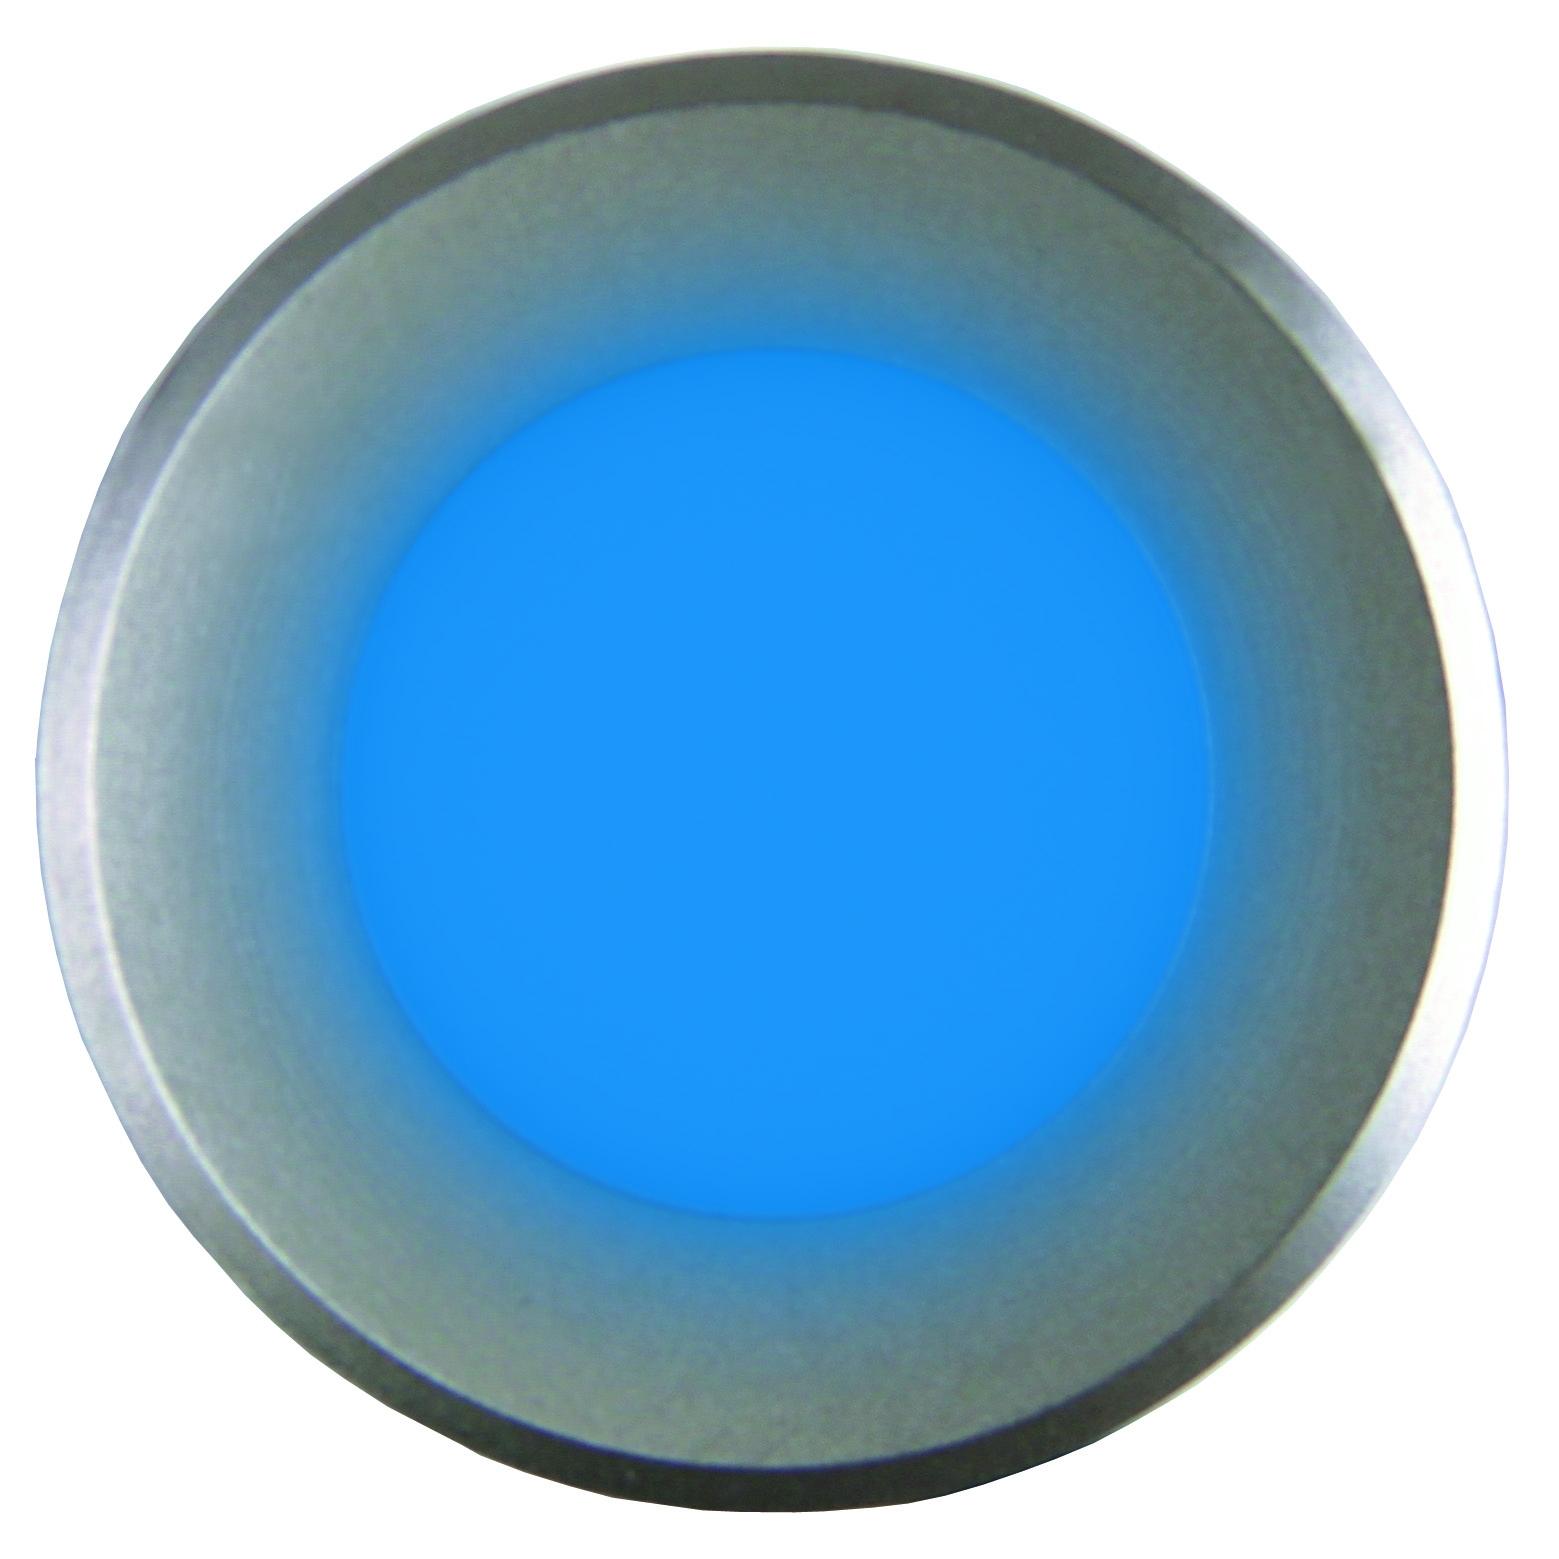 Schego Unterwasserleuchte SchegoLUX Base 3 St. Blau 12 V/3 X 0, 398 | Lampen > Aussenlampen > Wasserleuchten | Blau